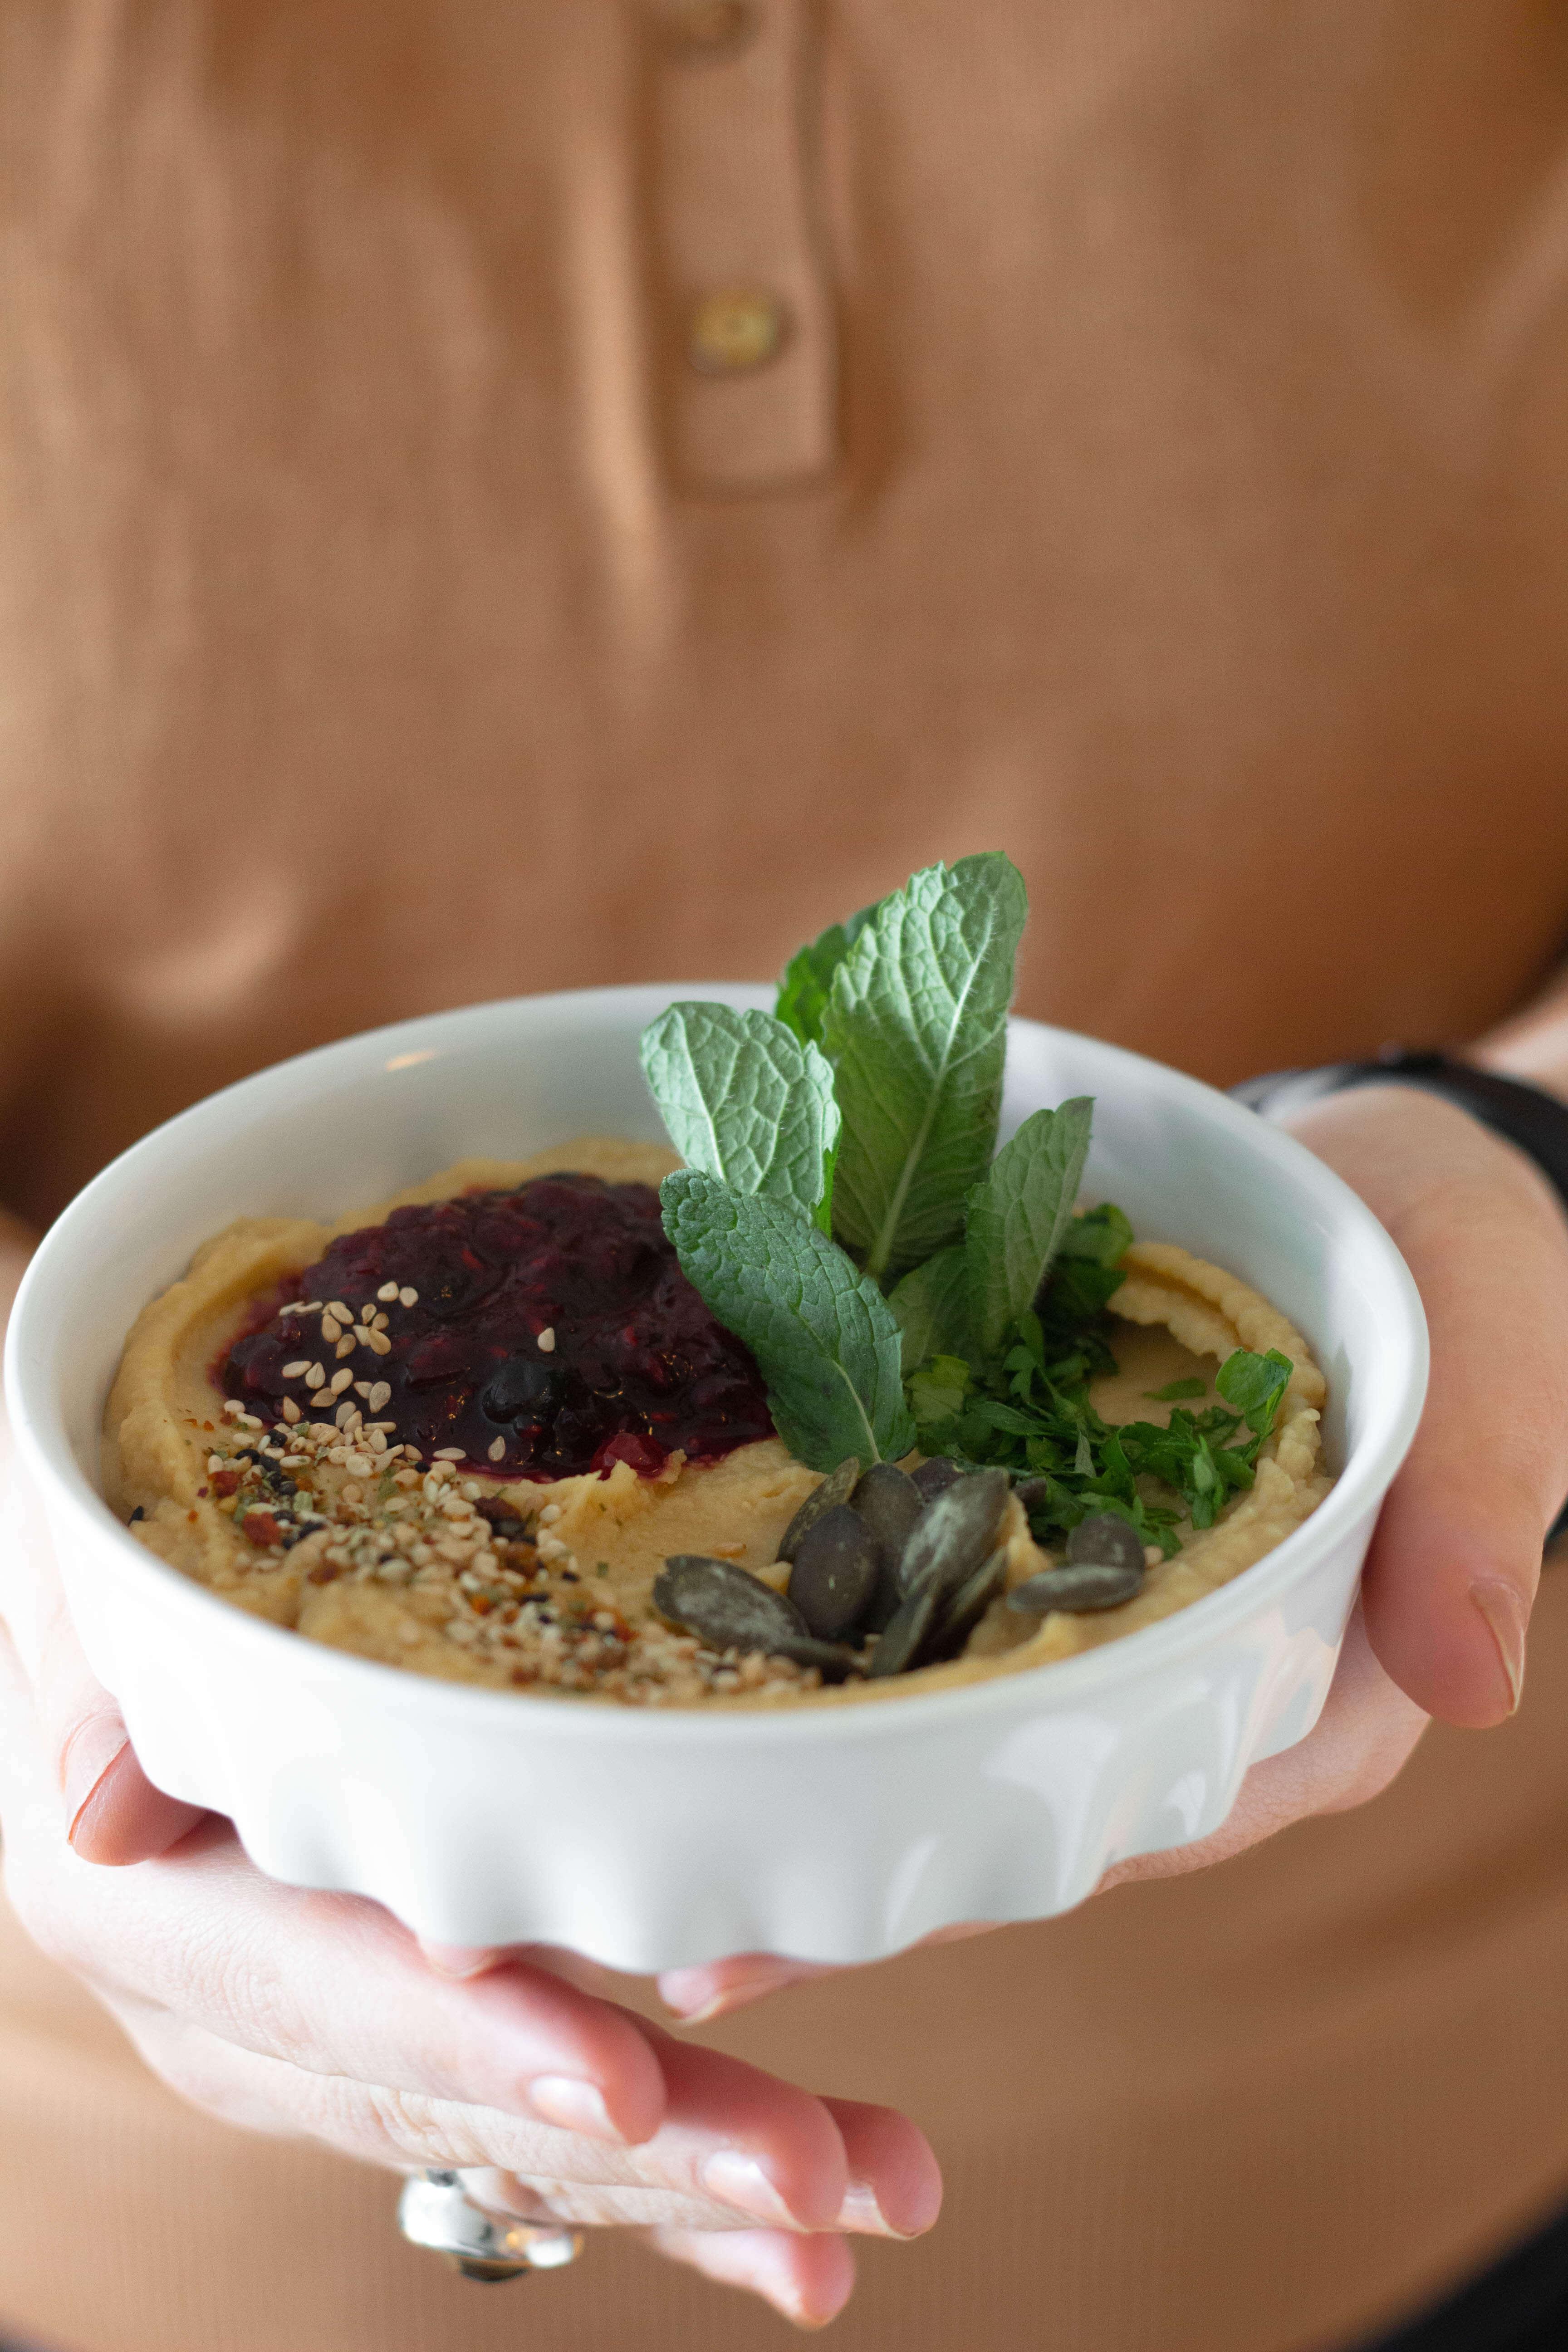 Orientalischer Beeren Hummus-Spring-Vegan-Glutenfrei-Dein HomeSpa- Food & Wohlfühlblog aus dem Mostviertel